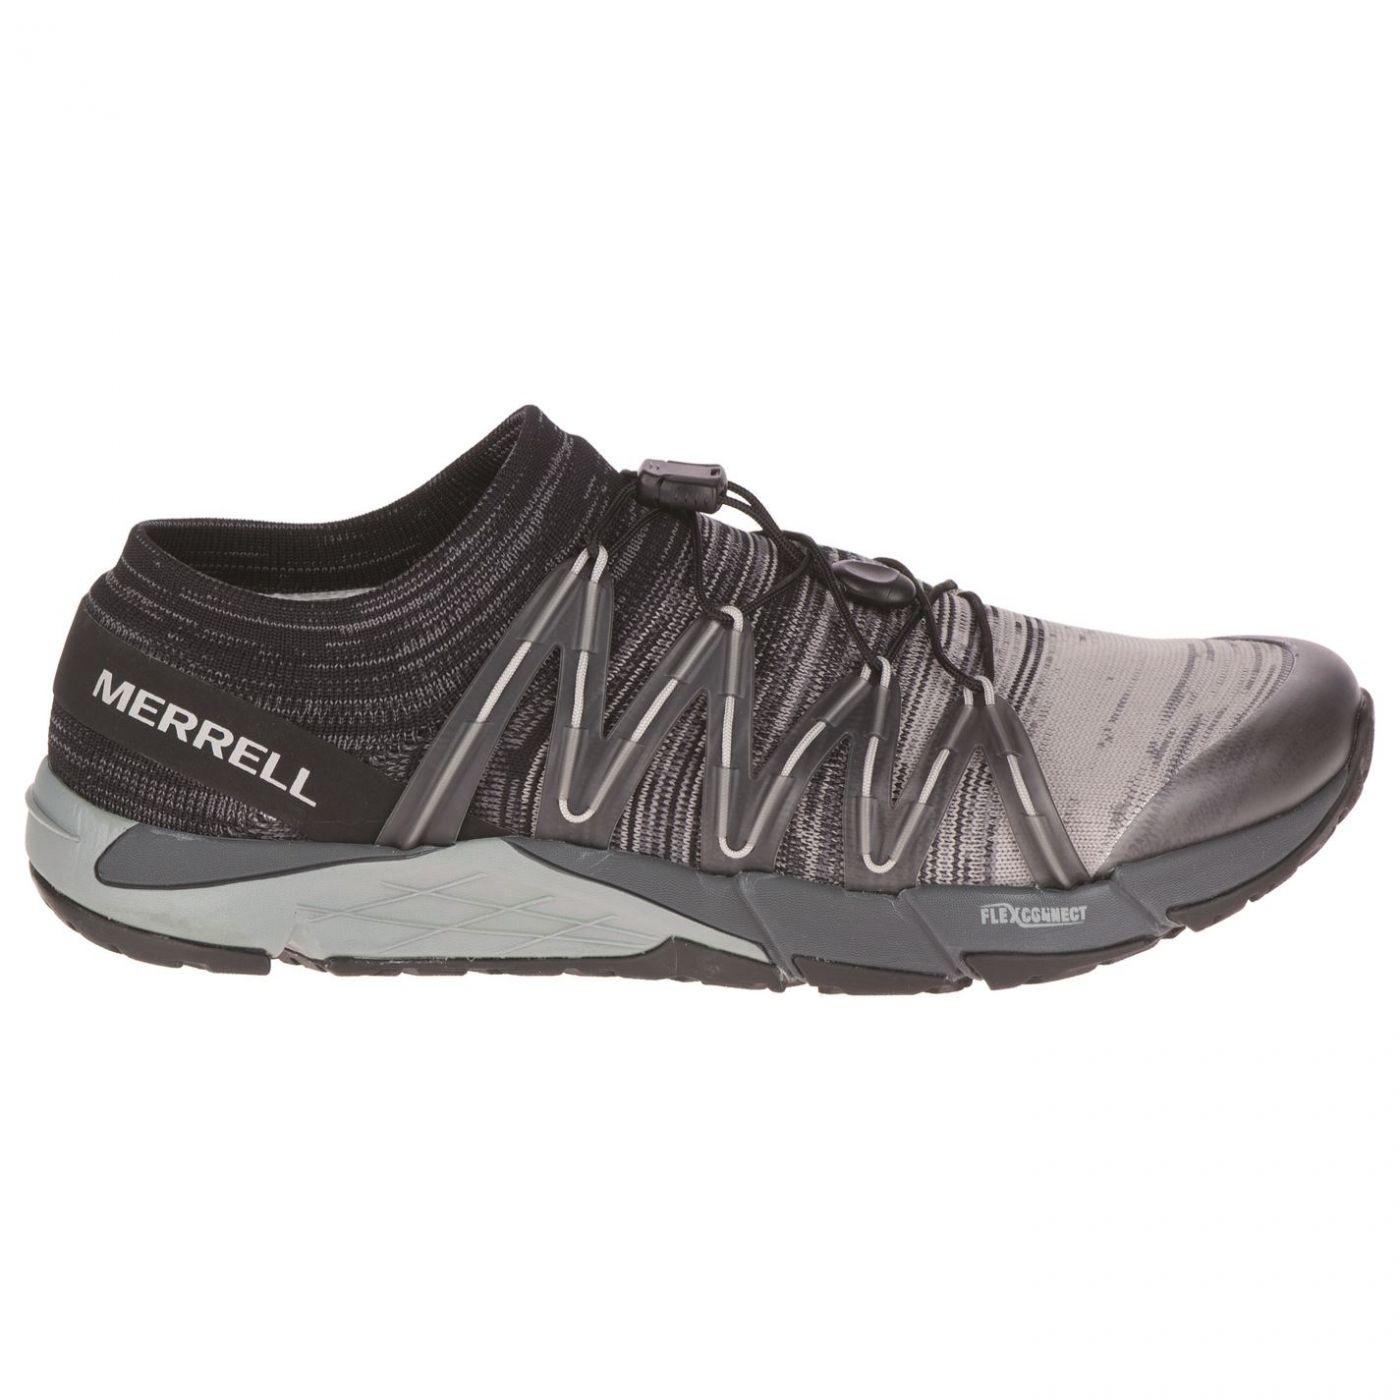 Merrell Bare Access Flex Knit Mens Barefoot Running Shoes